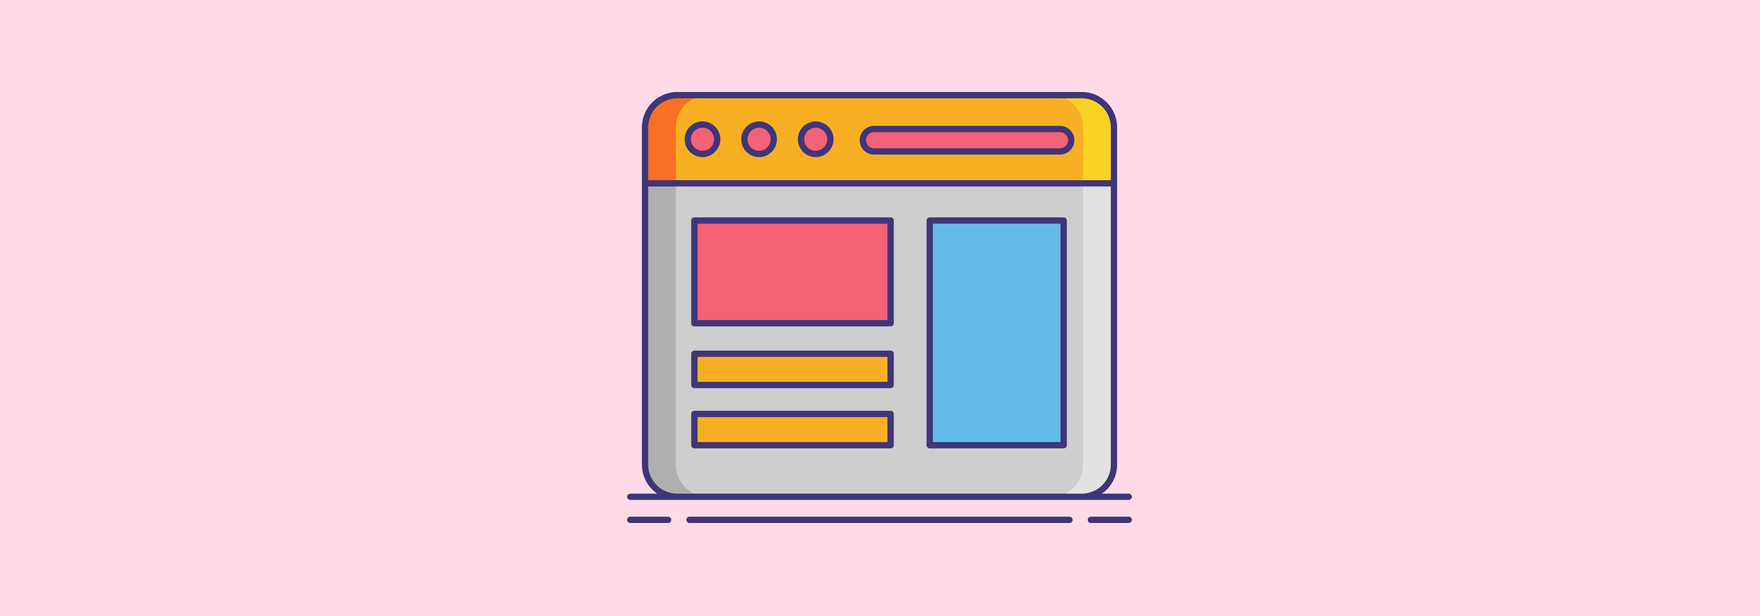 5 неочевидных вещей, которыми занимается дизайнер интерфейсов в компании